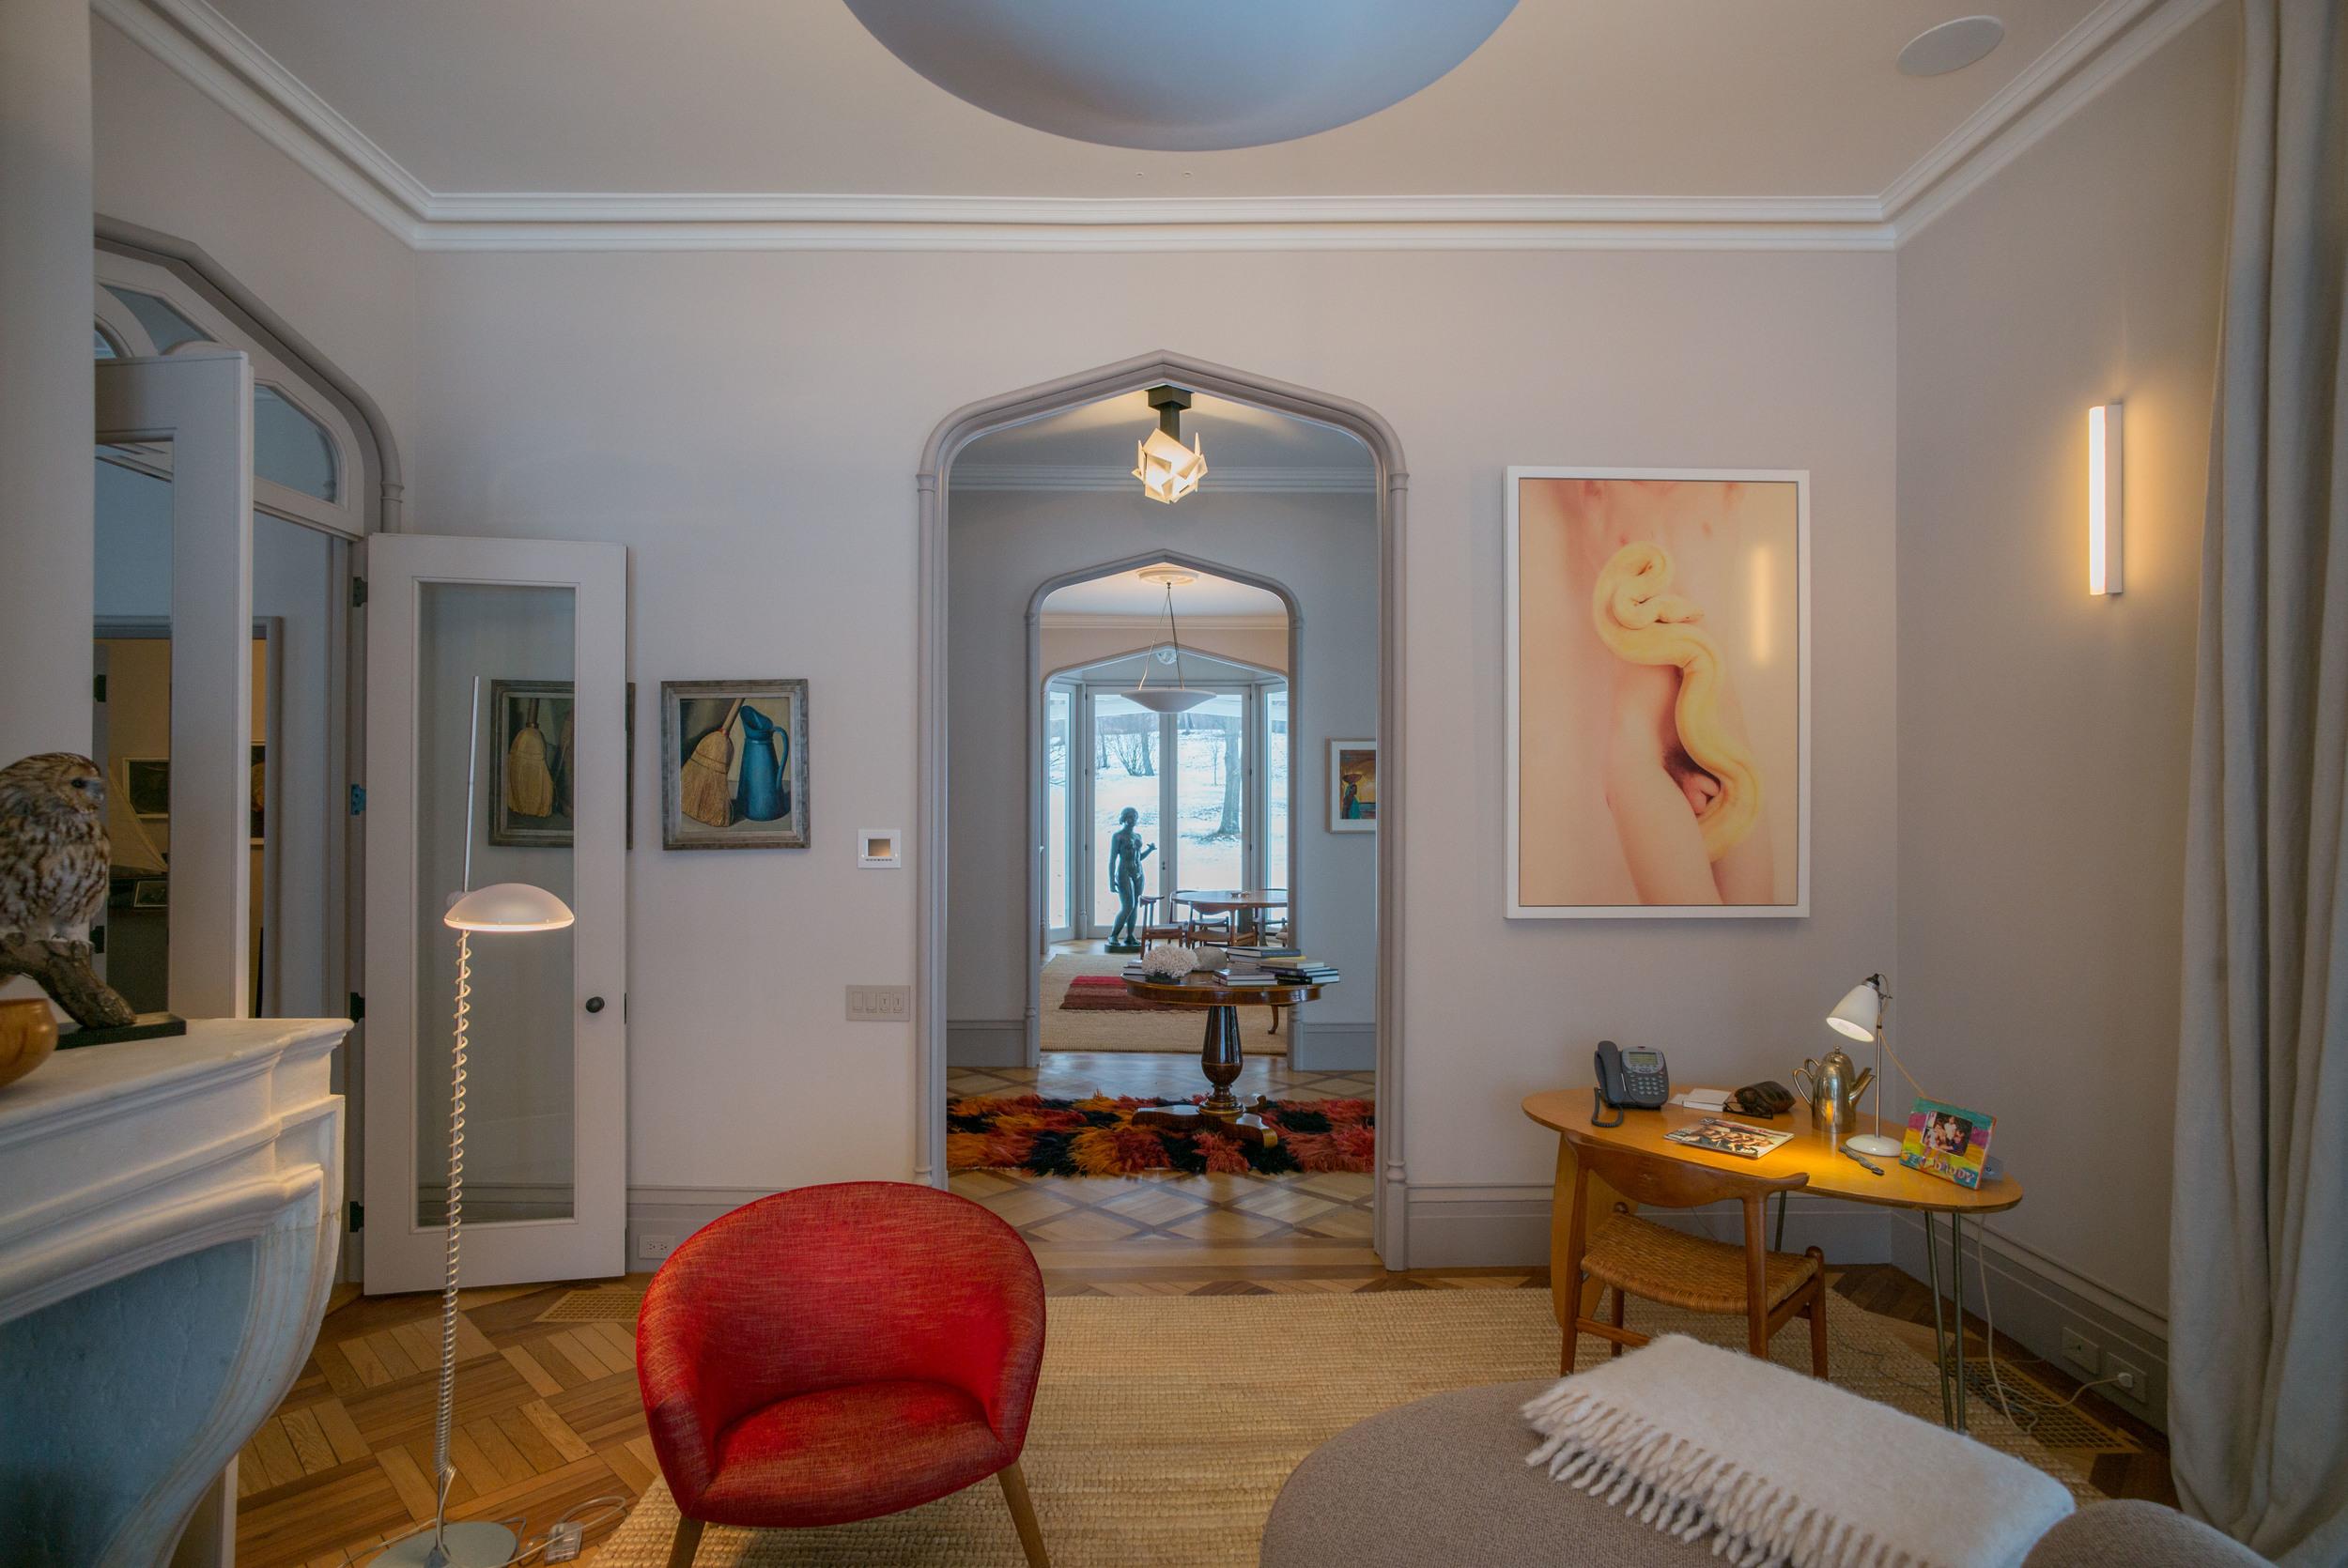 1840 house - living room 2.jpg